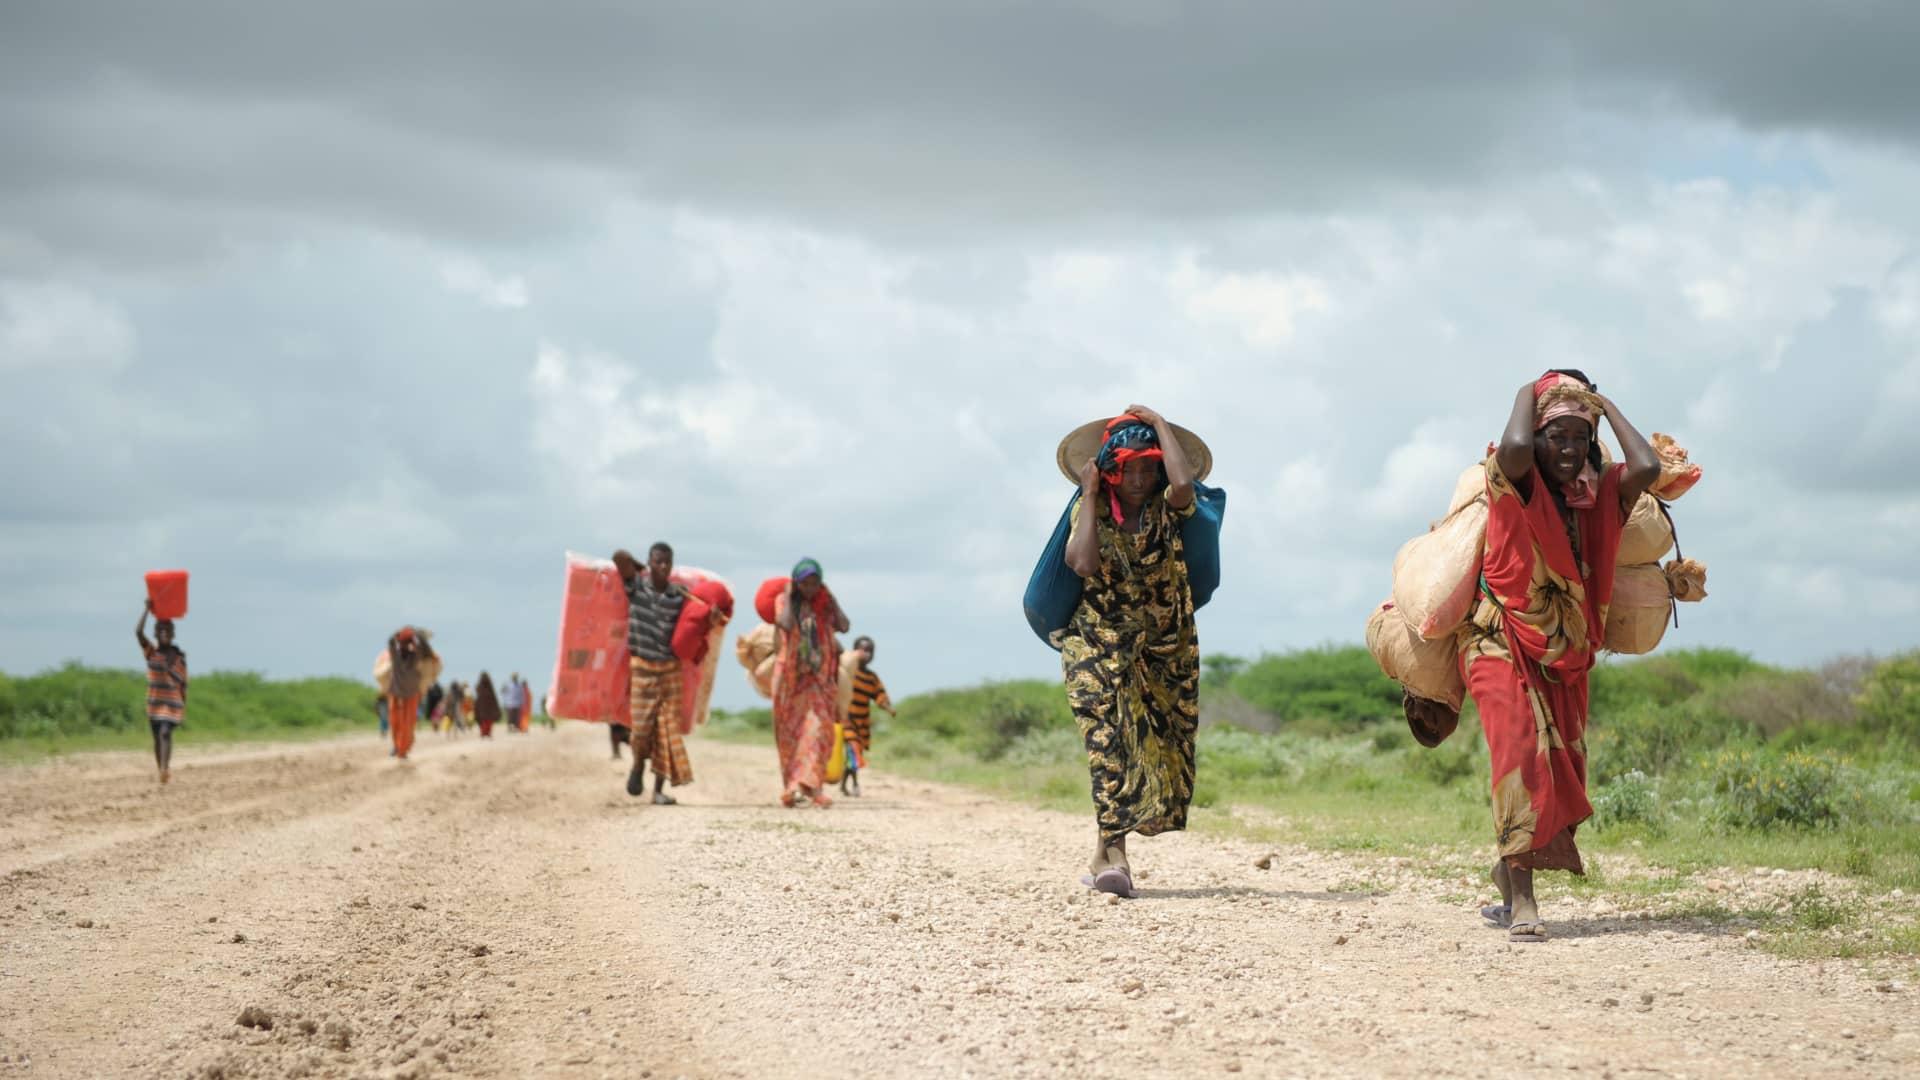 Le changement climatique pourrait forcer 216 millions de personnes à migrer dans leur propre pays d'ici 2050